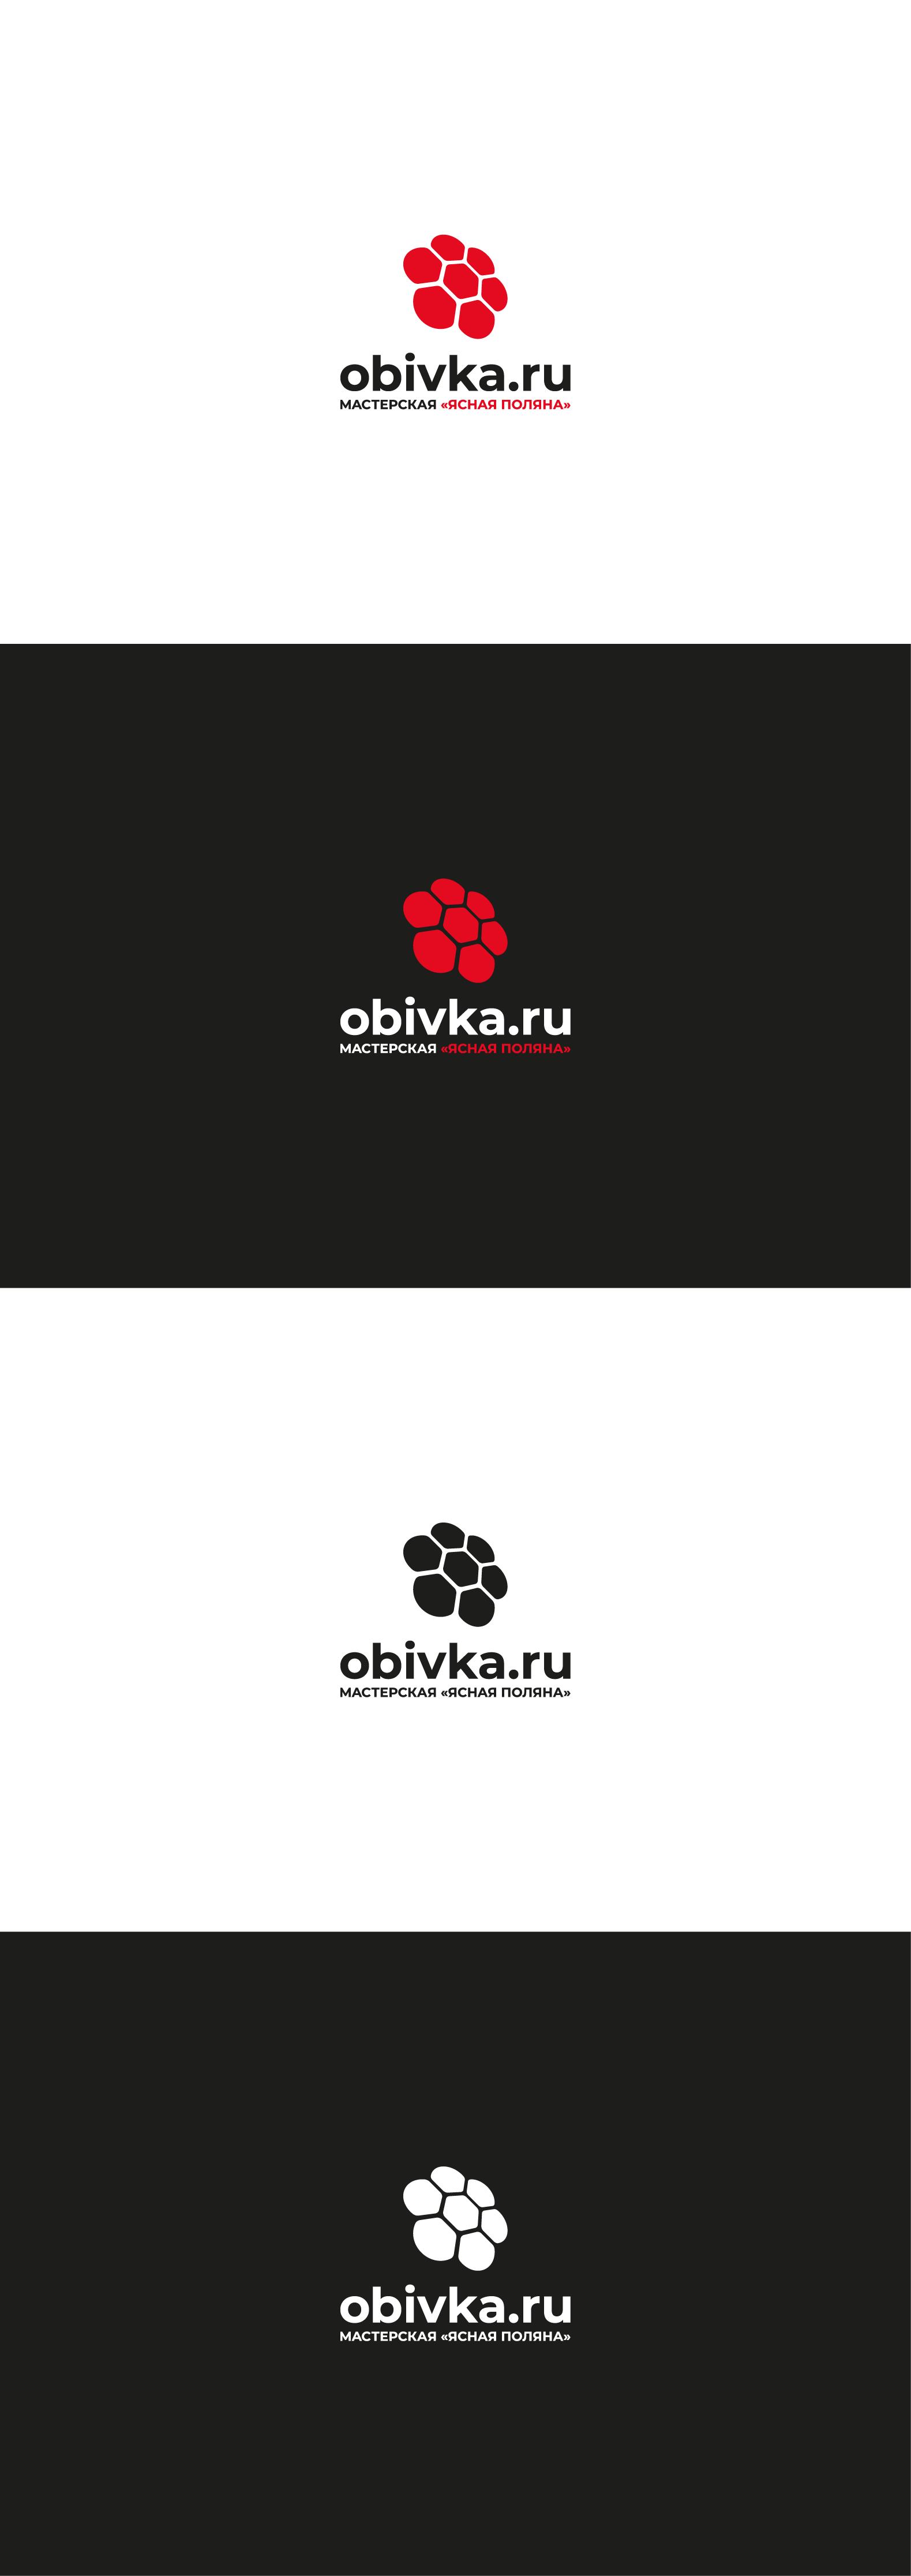 Логотип для сайта OBIVKA.RU фото f_1685c13ec9a0ea4b.png